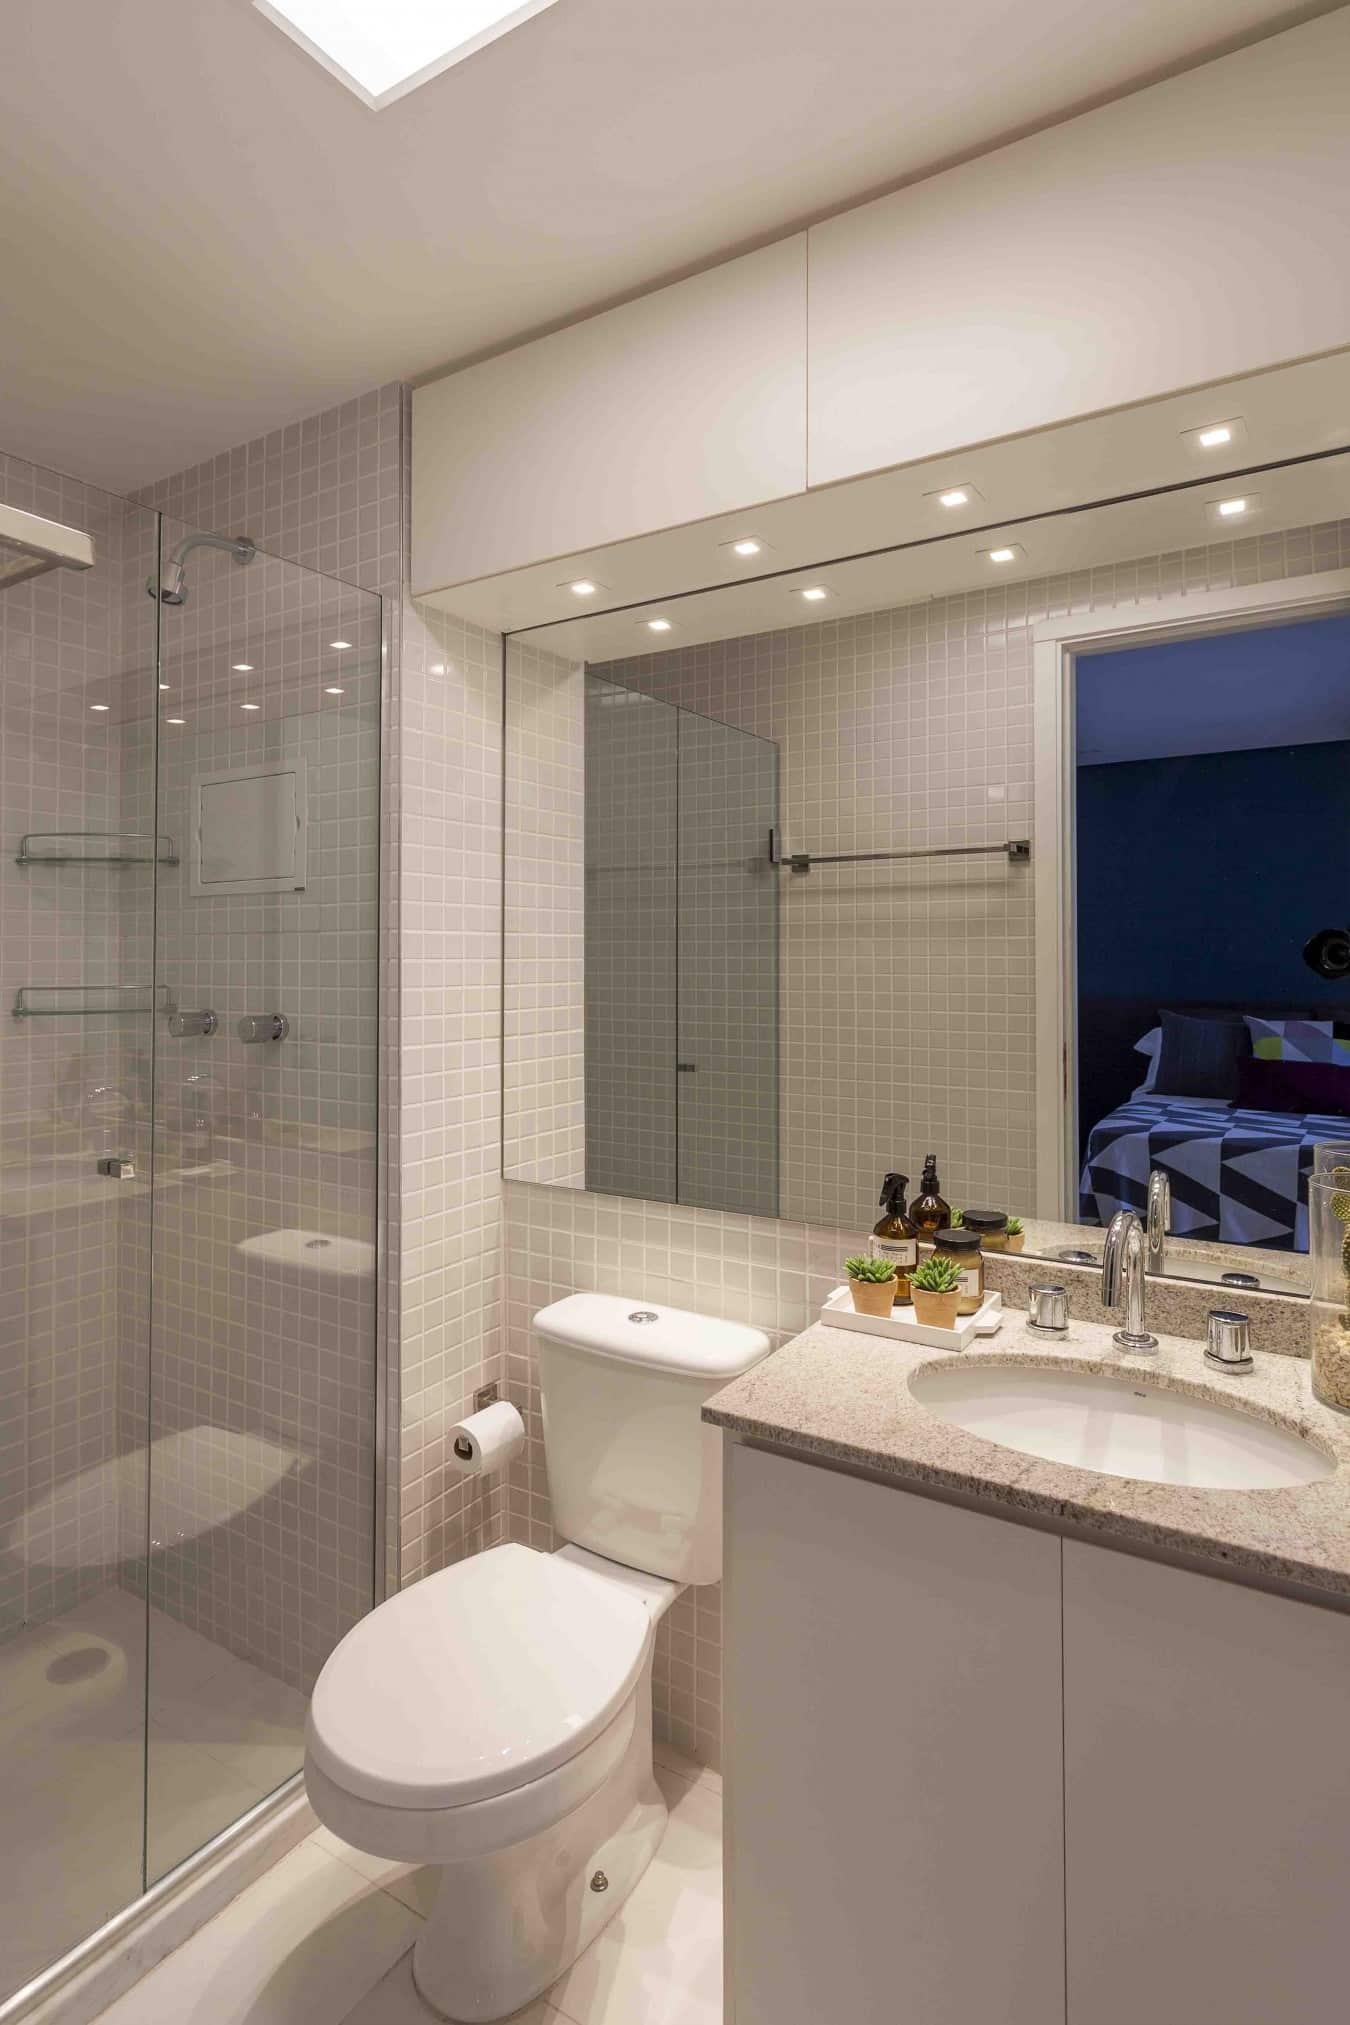 NewAgeMichigan doob arquitetura Foto Julia Ribeiro 44 - Apartamentos compactos: como otimizar os espaços